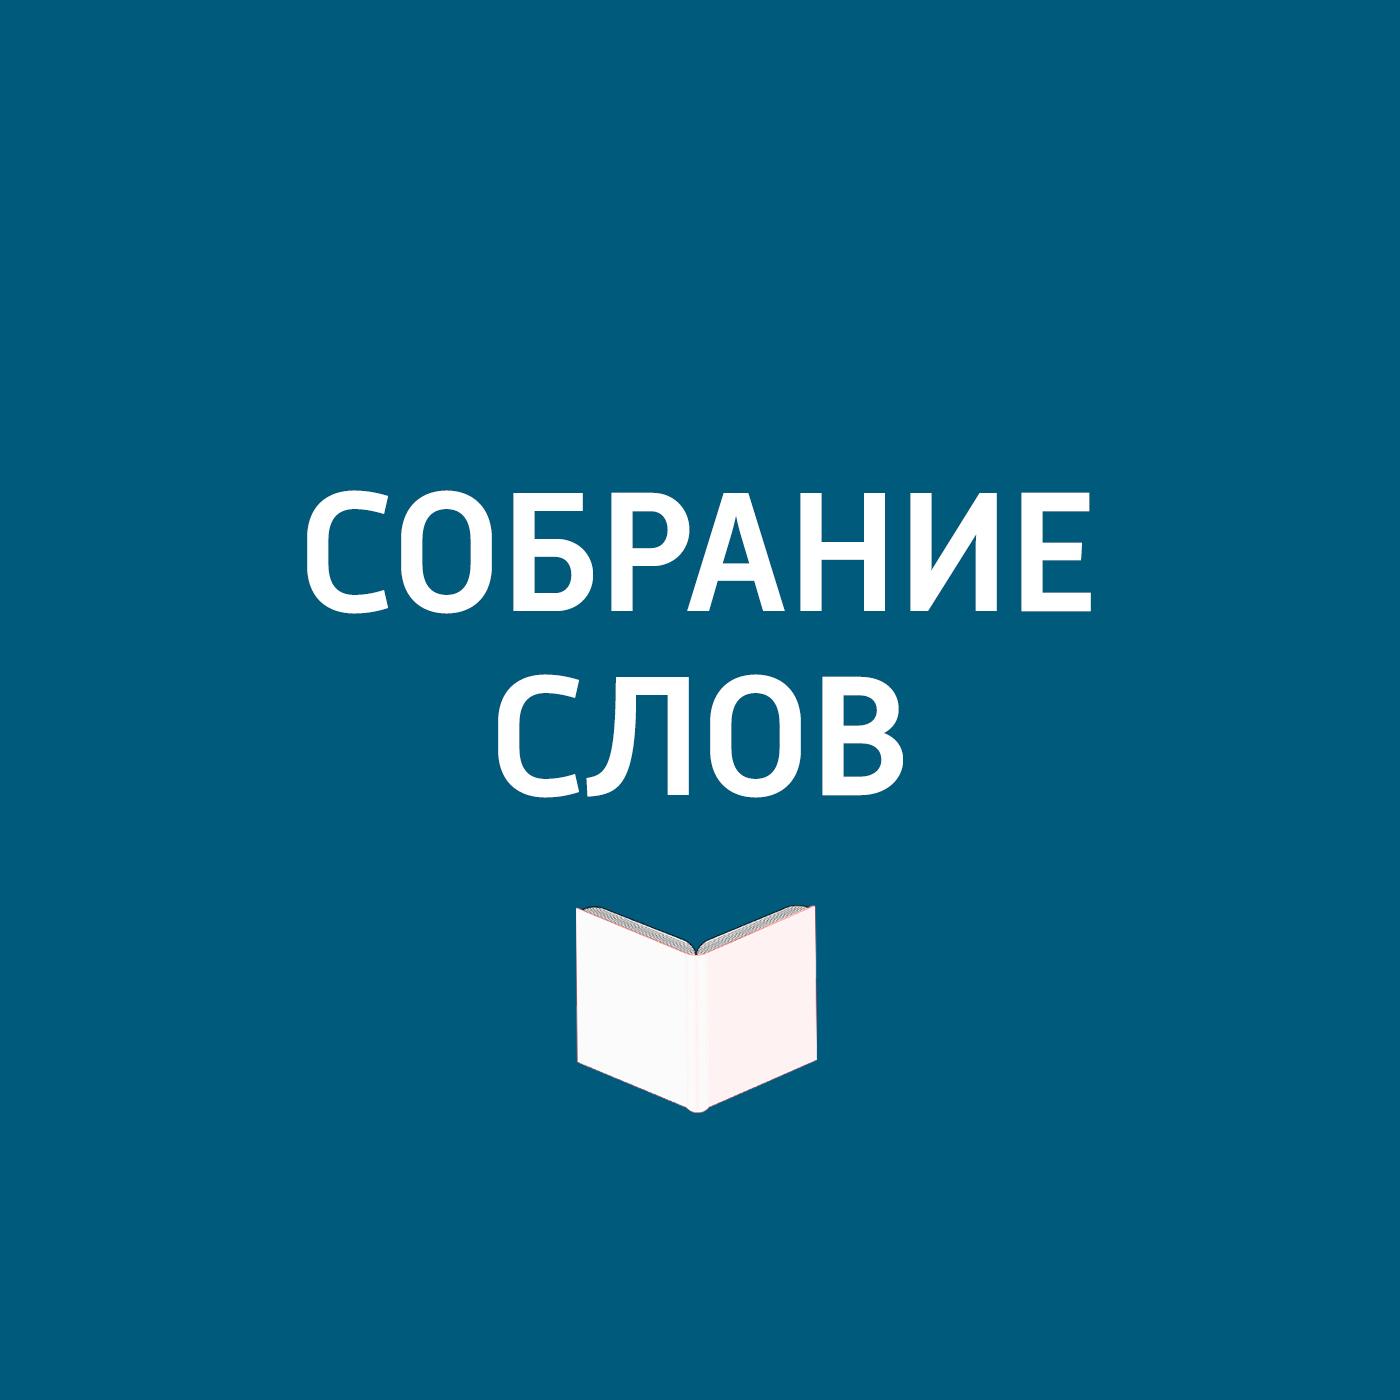 Творческий коллектив программы «Собрание слов» Большое интервью Андрея Максимова